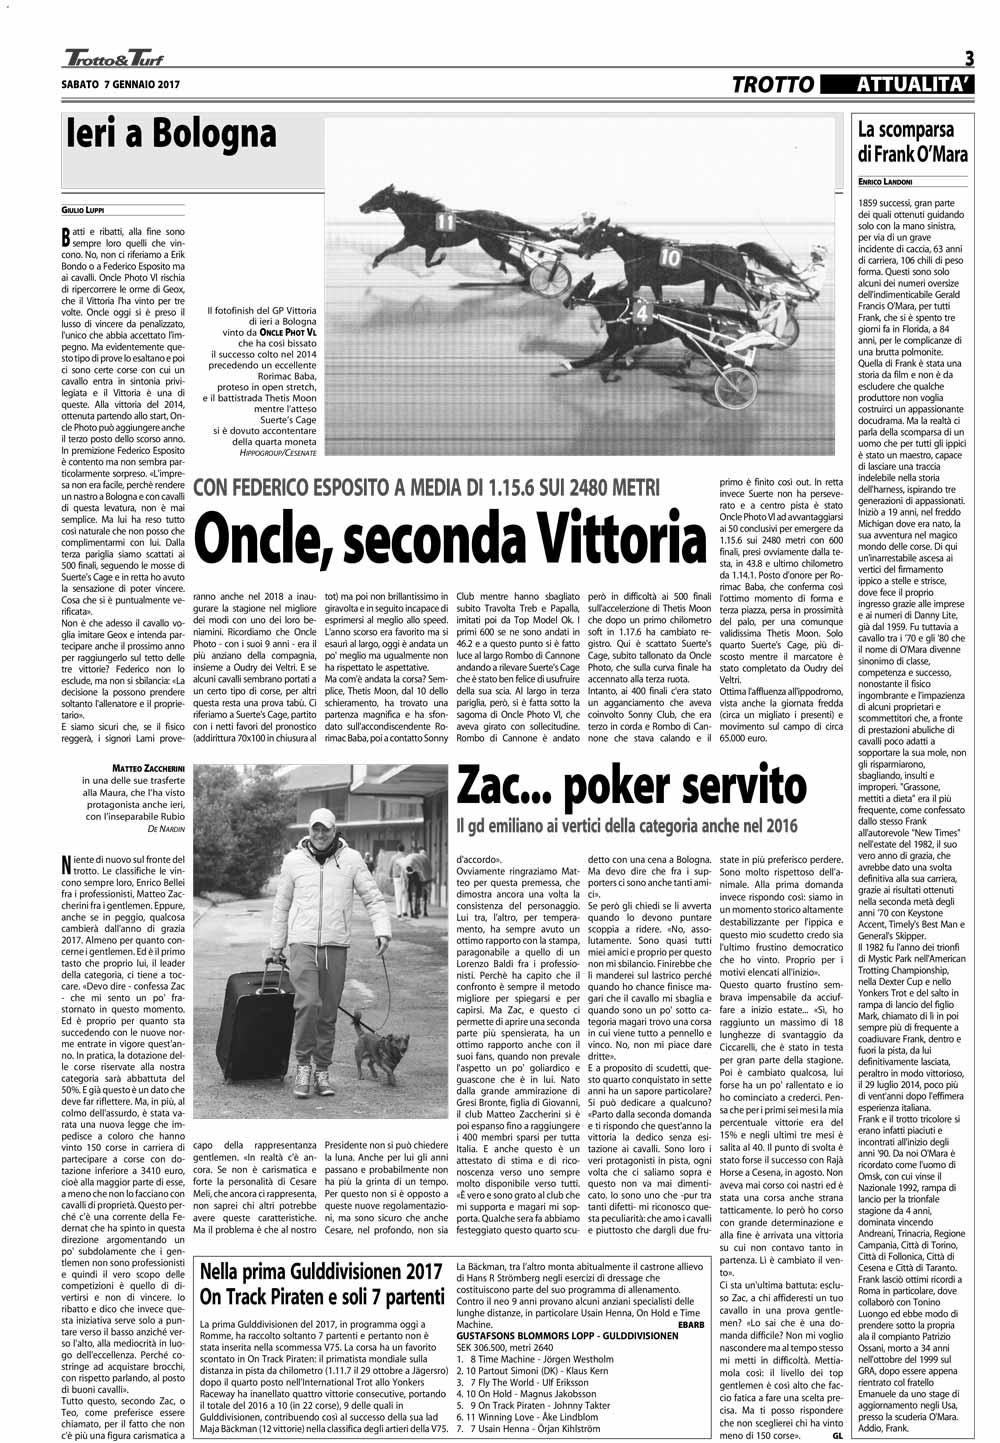 oncle-seconda-vittoria